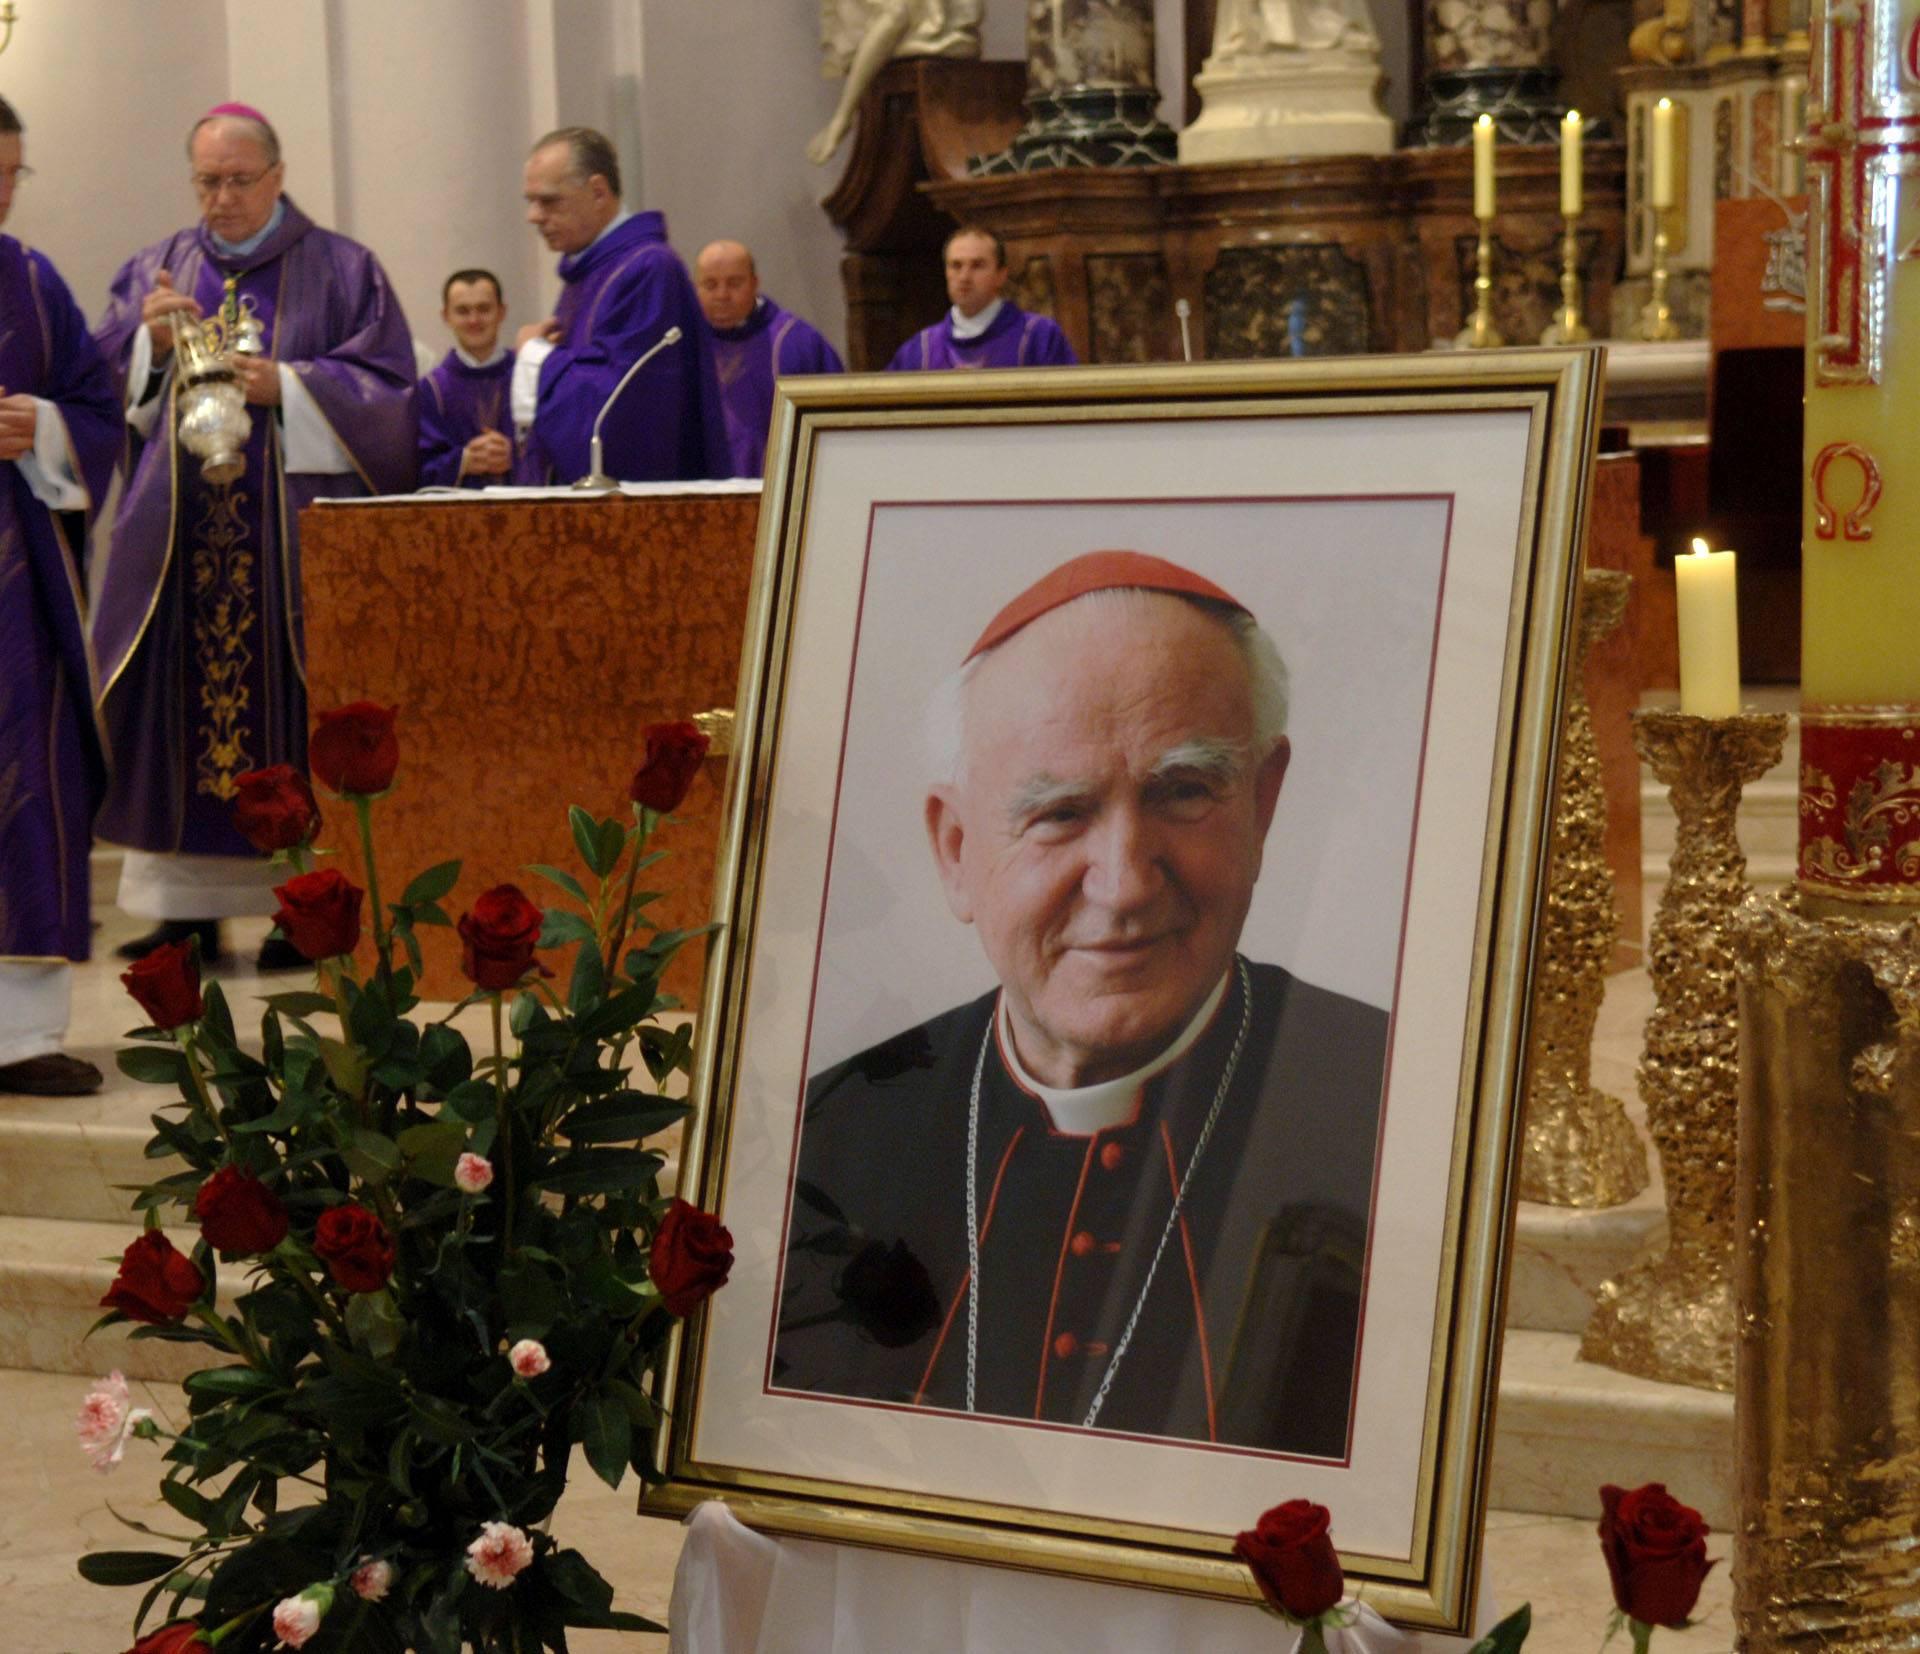 Običljezena 11. godisnjica smrti Kardinala Kuharica u pozeskoj